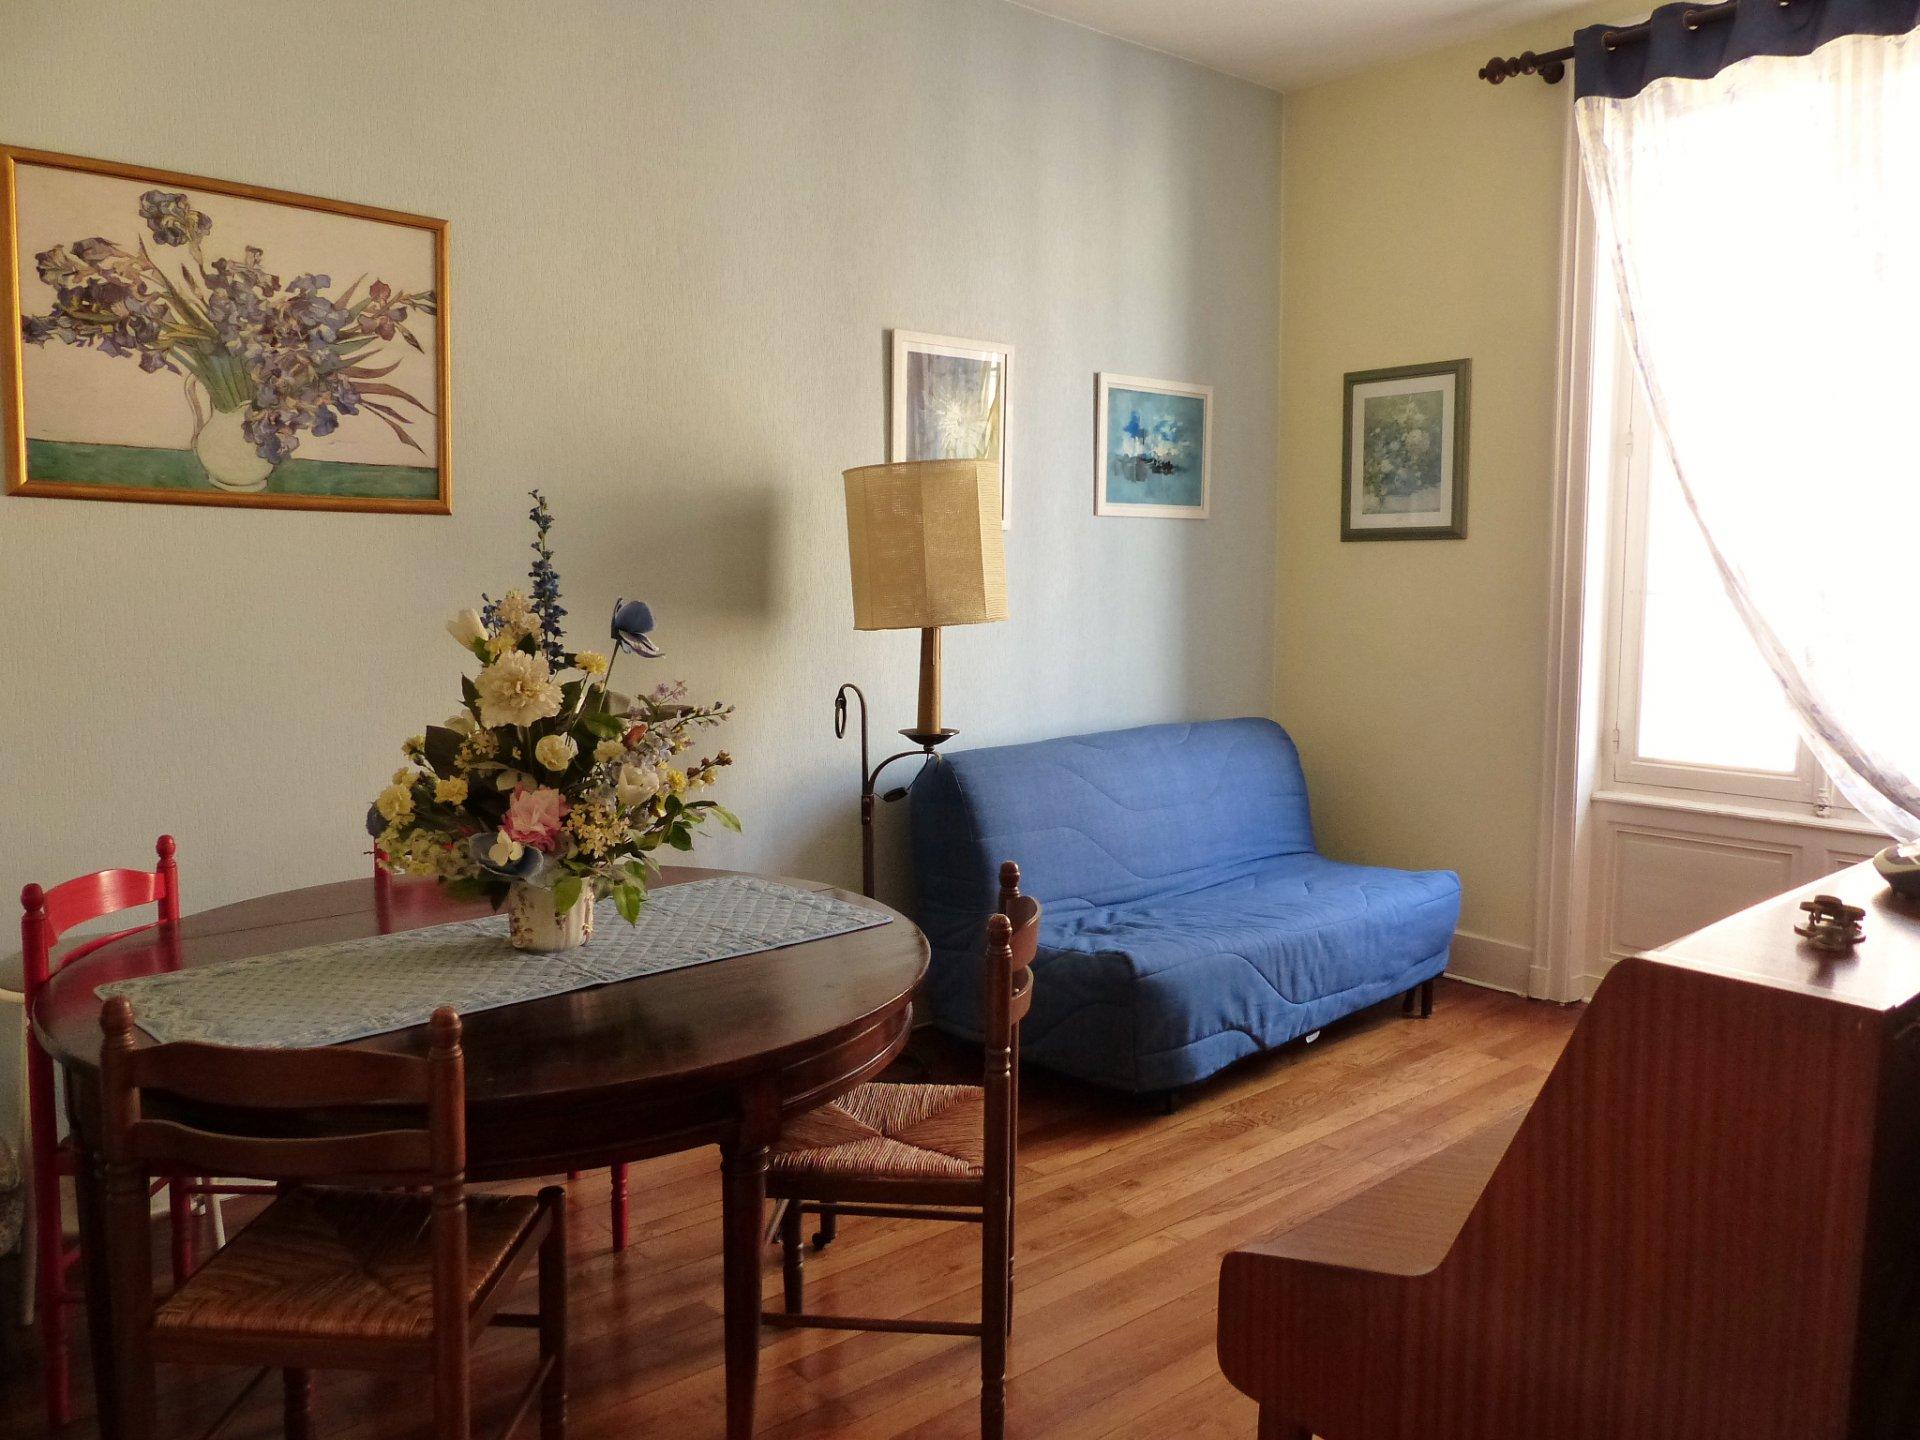 A deux pas du centre, ce T4 de 80 m² environ offre un certain charme grâce notamment à ces beaux parquets dans le séjour avec une pose en point de hongrie et ces belles hauteurs sous plafond. Il se compose d'une grande cuisine de presque 14m², un salon (possibilité d'en faire une chambre) plus un séjour, de deux chambres et d'une salle de douche plus Wc indépendants. Aucun voisin au dessus, bonne exposition et au calme. Vendu avec cave, grenier et possibilité de louer une place de parking à proximité. Honoraires à la charge du vendeur. Bien soumis au régime de la copropriété et comprenant 10 lots. Charges courantes annuelles de 591 ?.